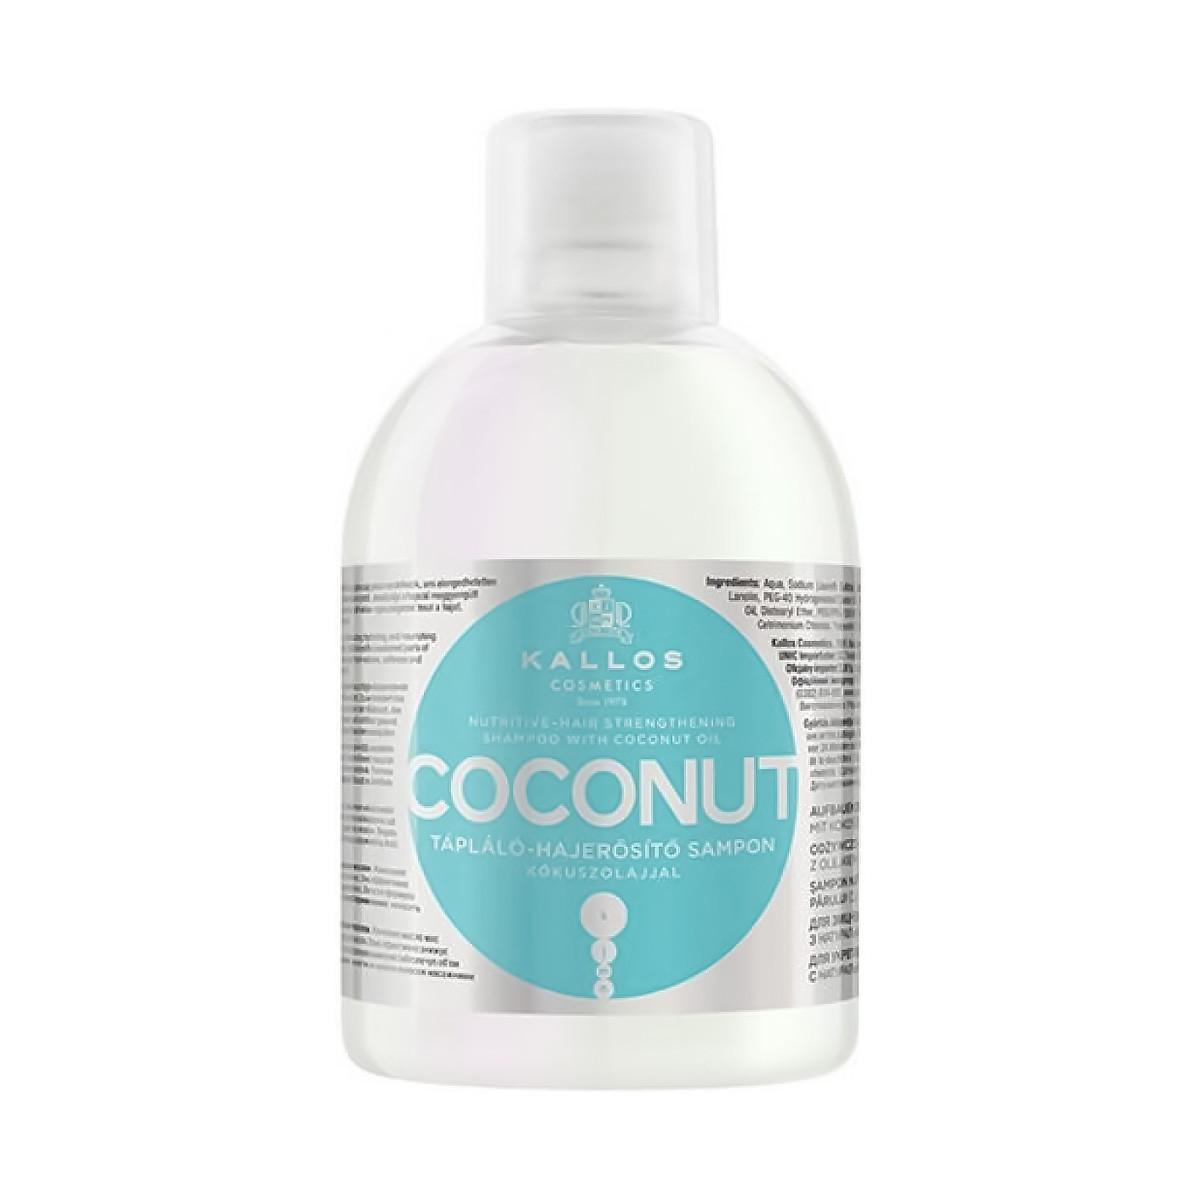 KALLOS KJMN Coconut Shampoo 1000ml - Szampon odżywczy z olejkiem kokosowym